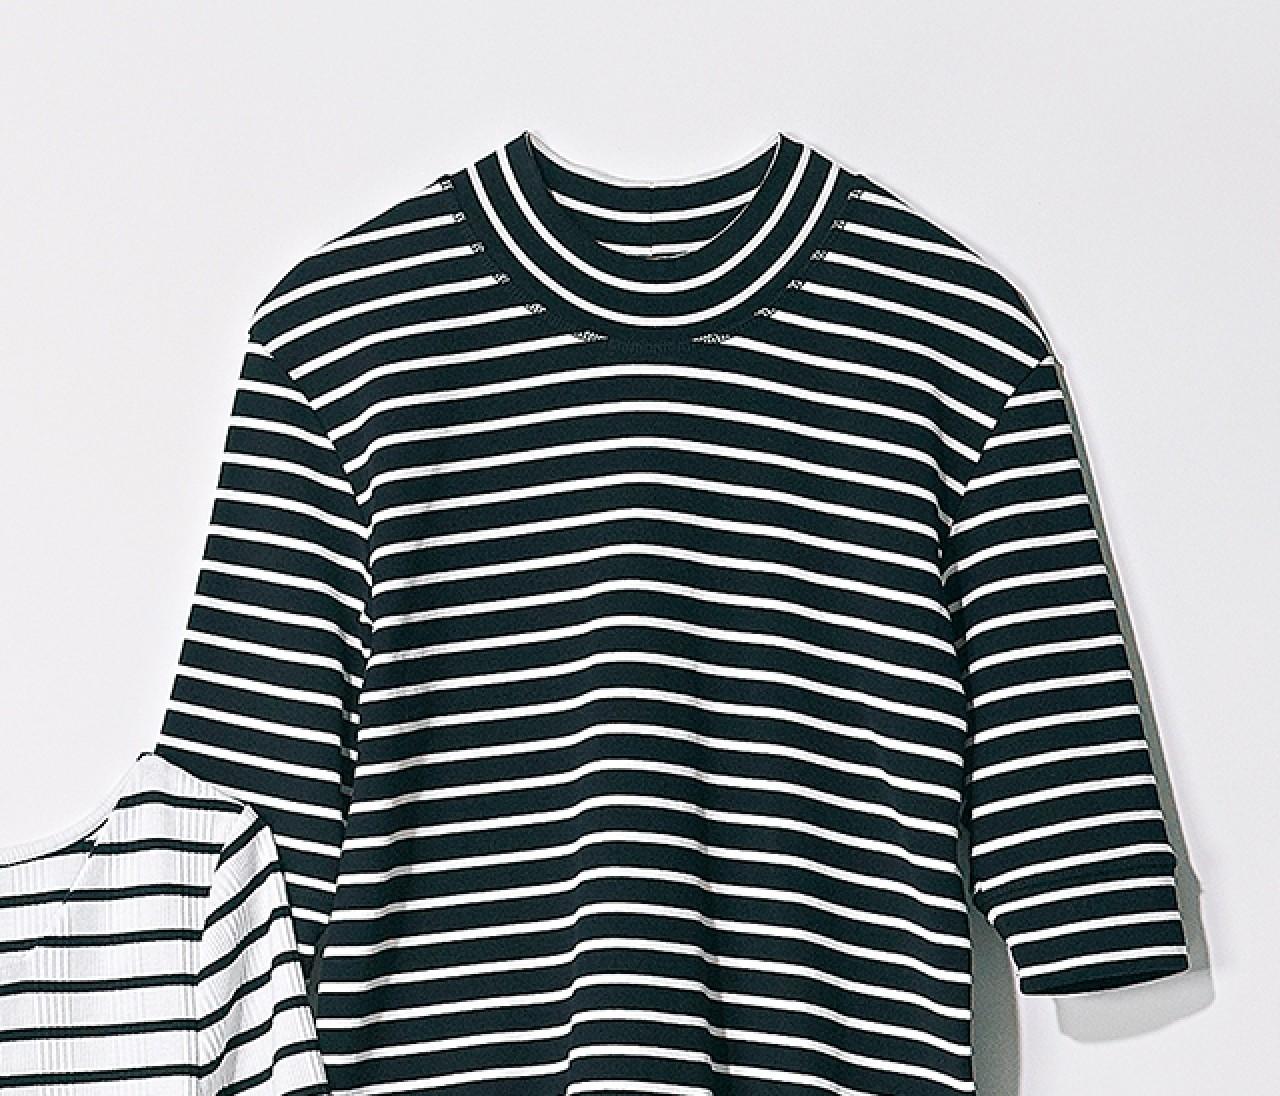 【甘め派・Tシャツ7選】フレンチシックTシャツで可愛げ+知的な印象をゲット!